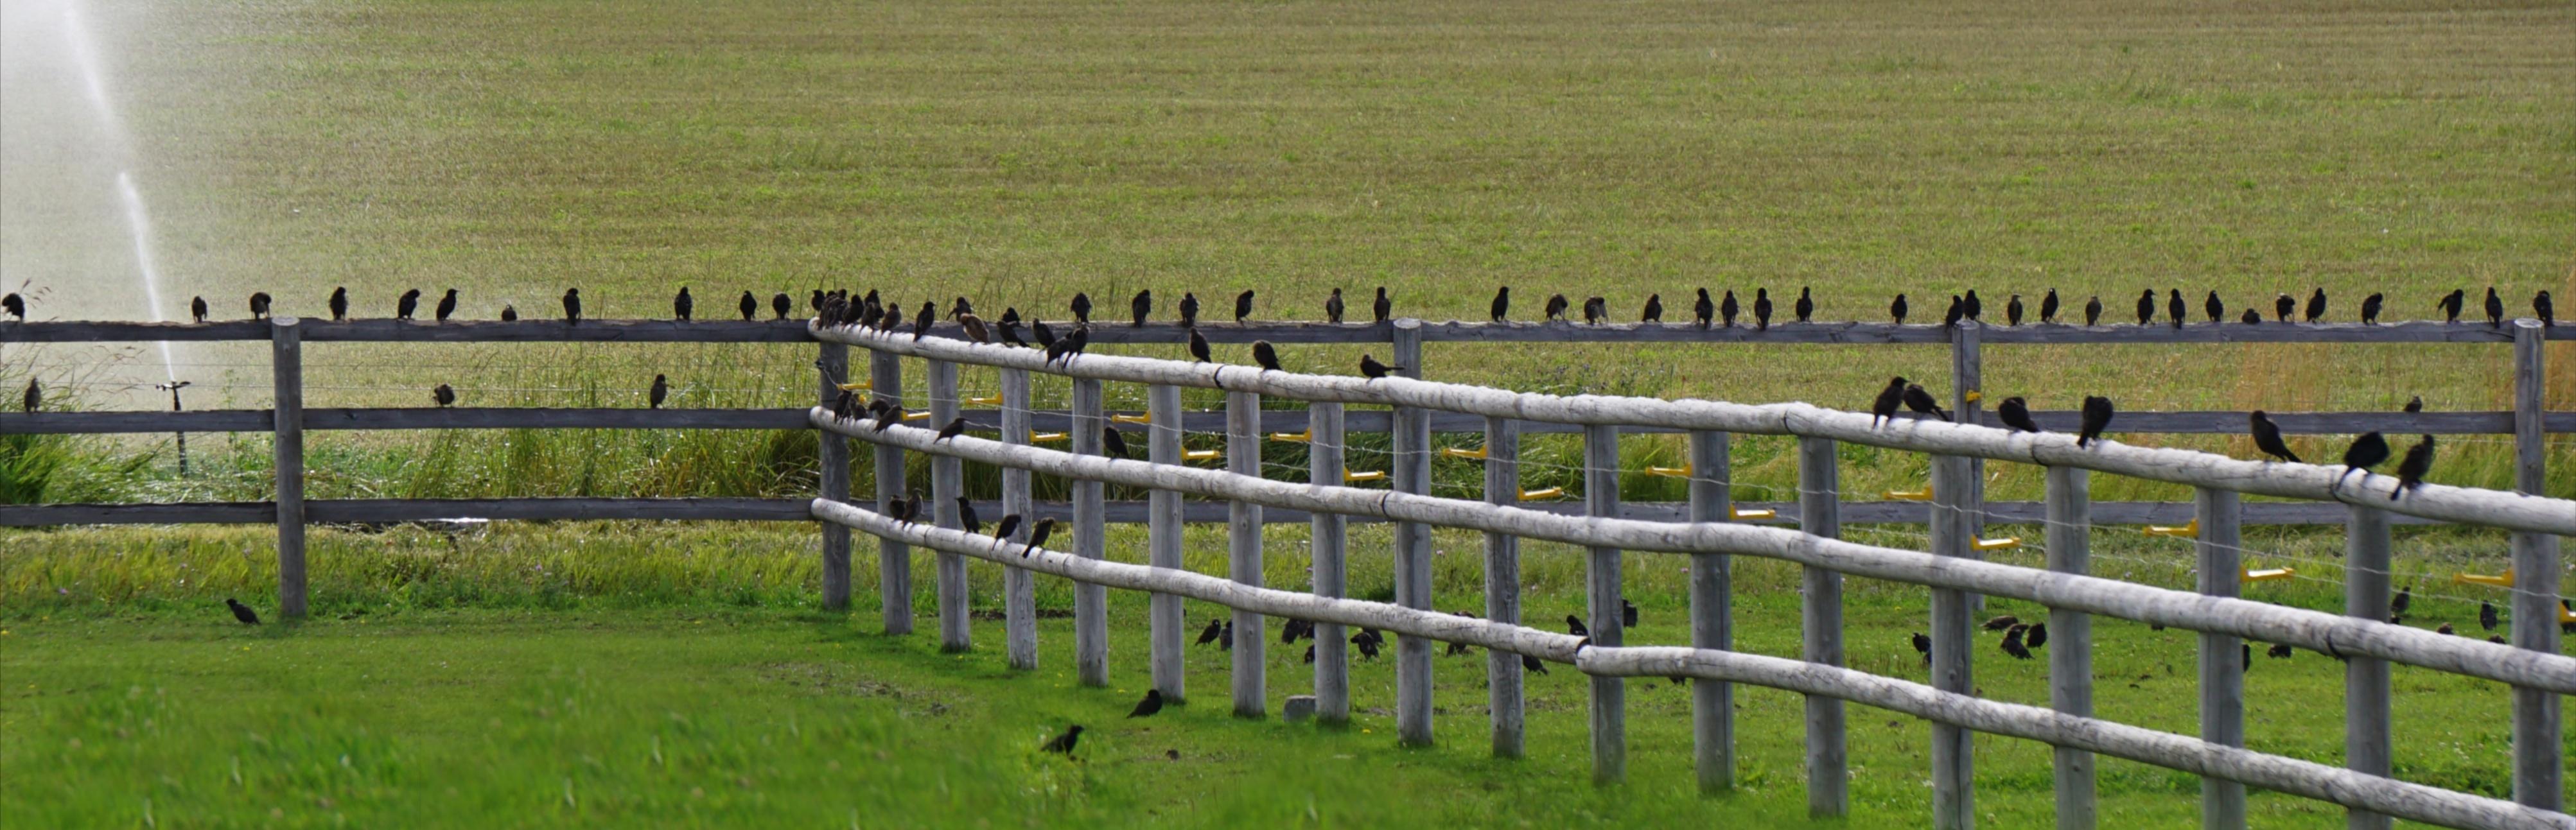 Birds on fence 7:2015